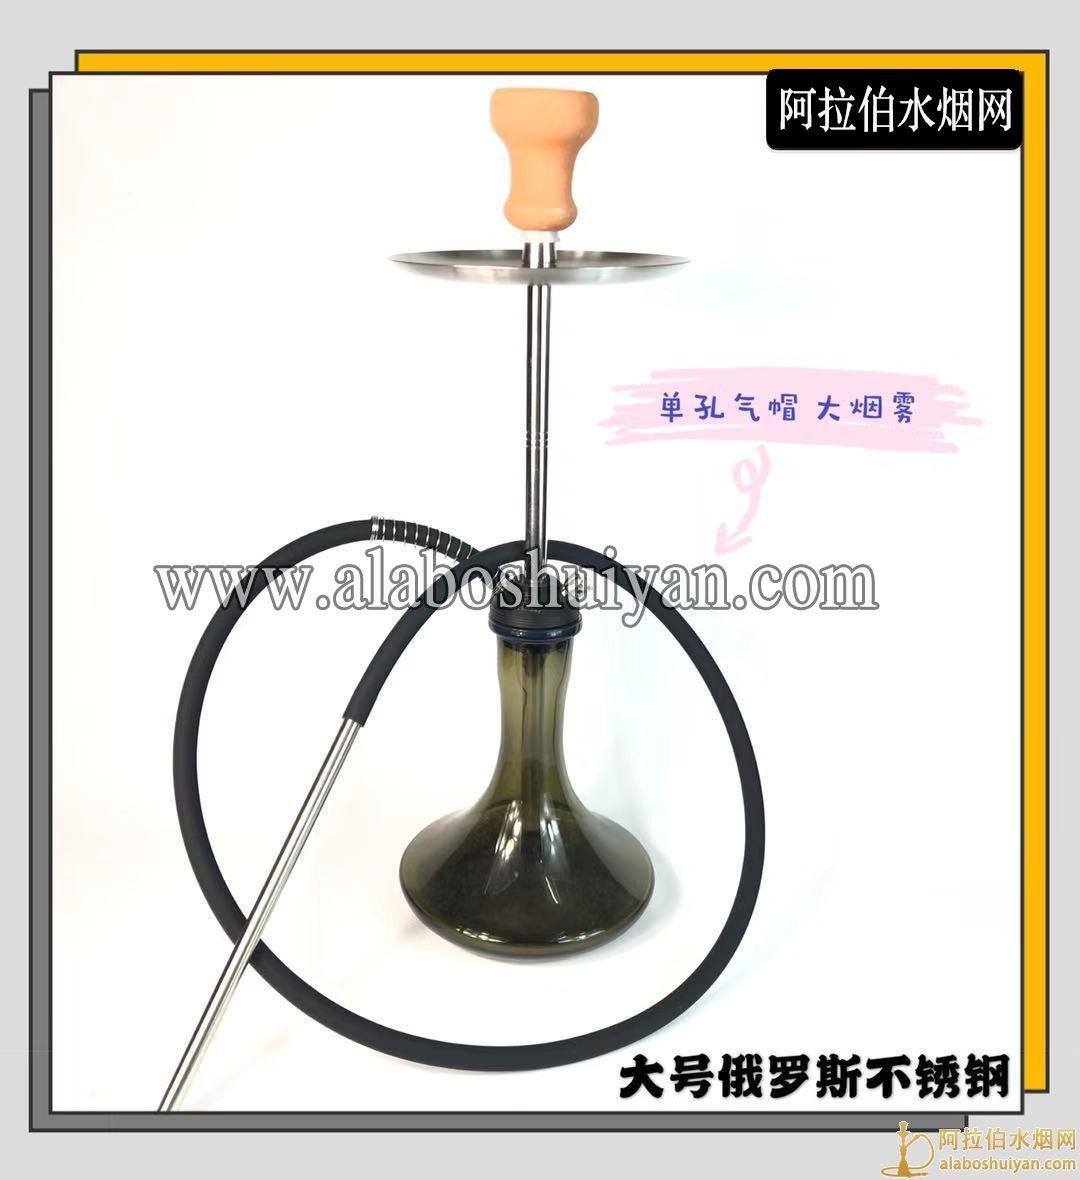 Supreme高档不锈钢单管水烟壶图片价格批发多少钱